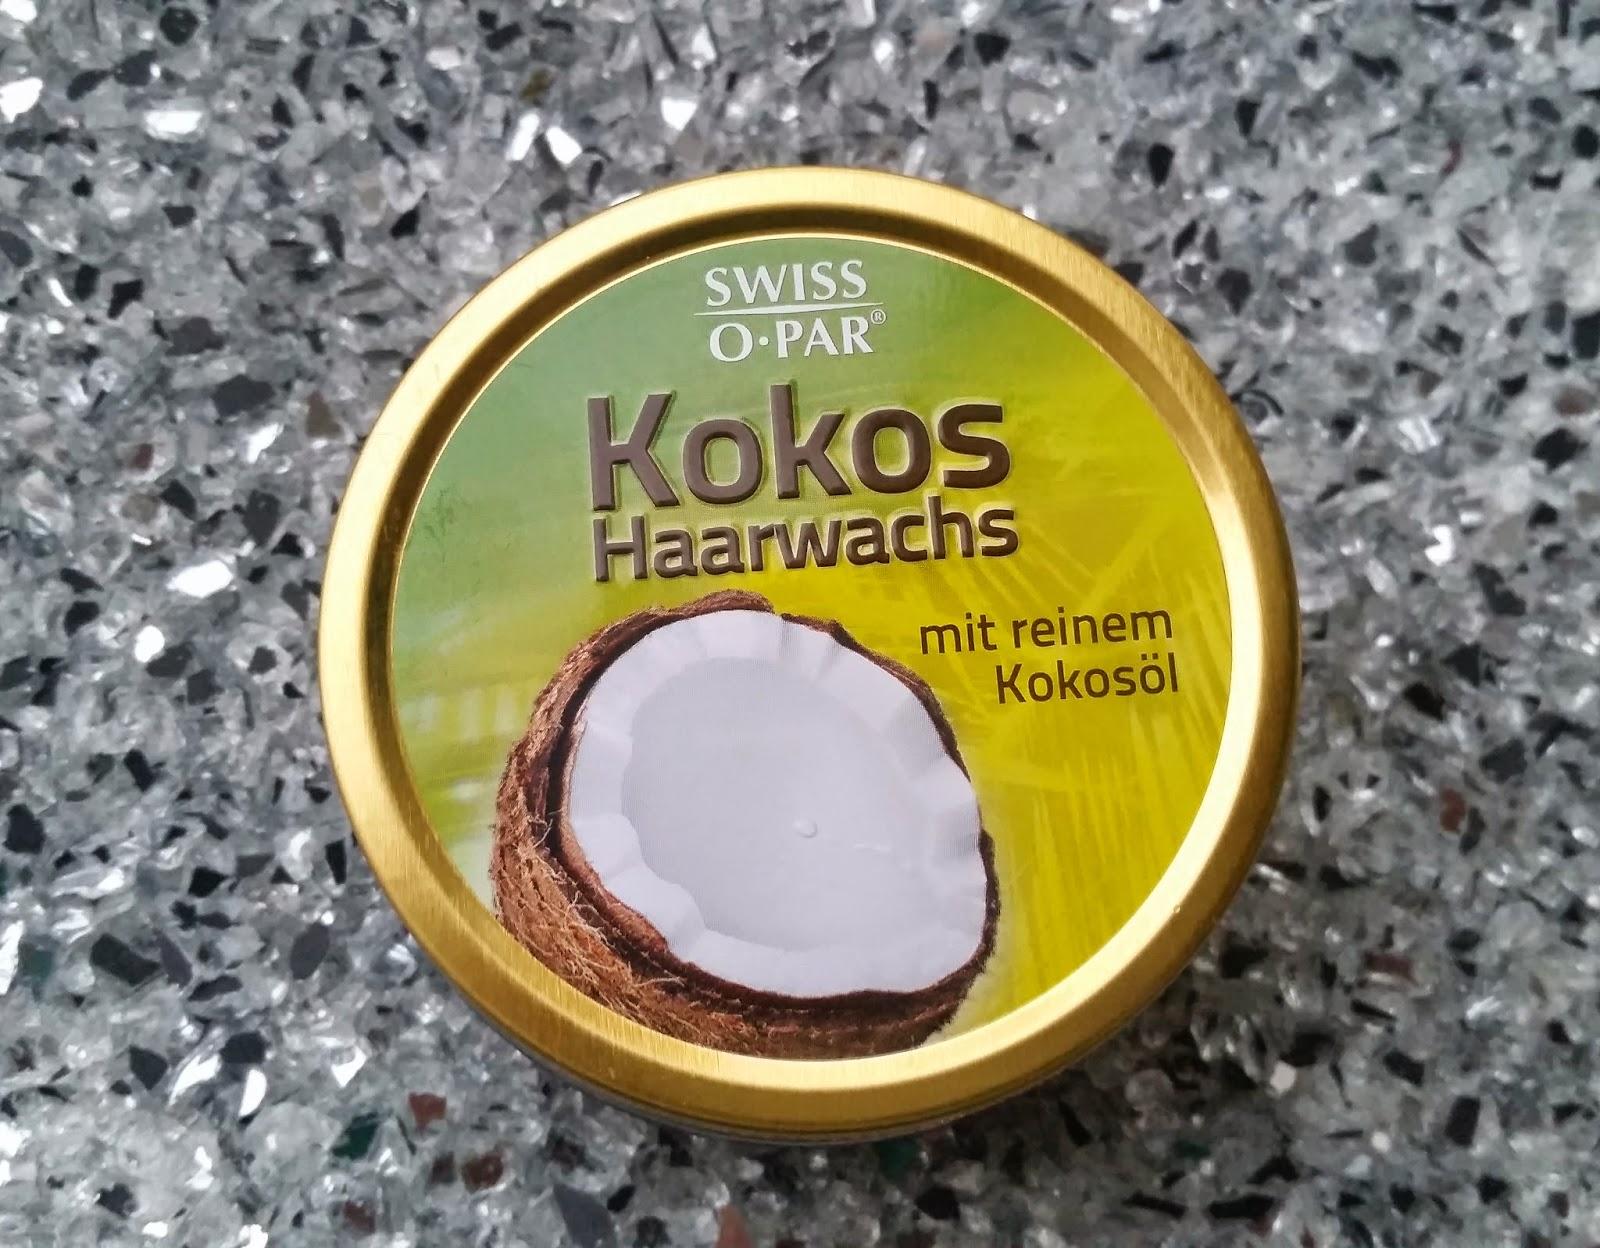 Kokos Haarwachs - pflegende Alternative zum Haargel - www.annitschkasblog.de